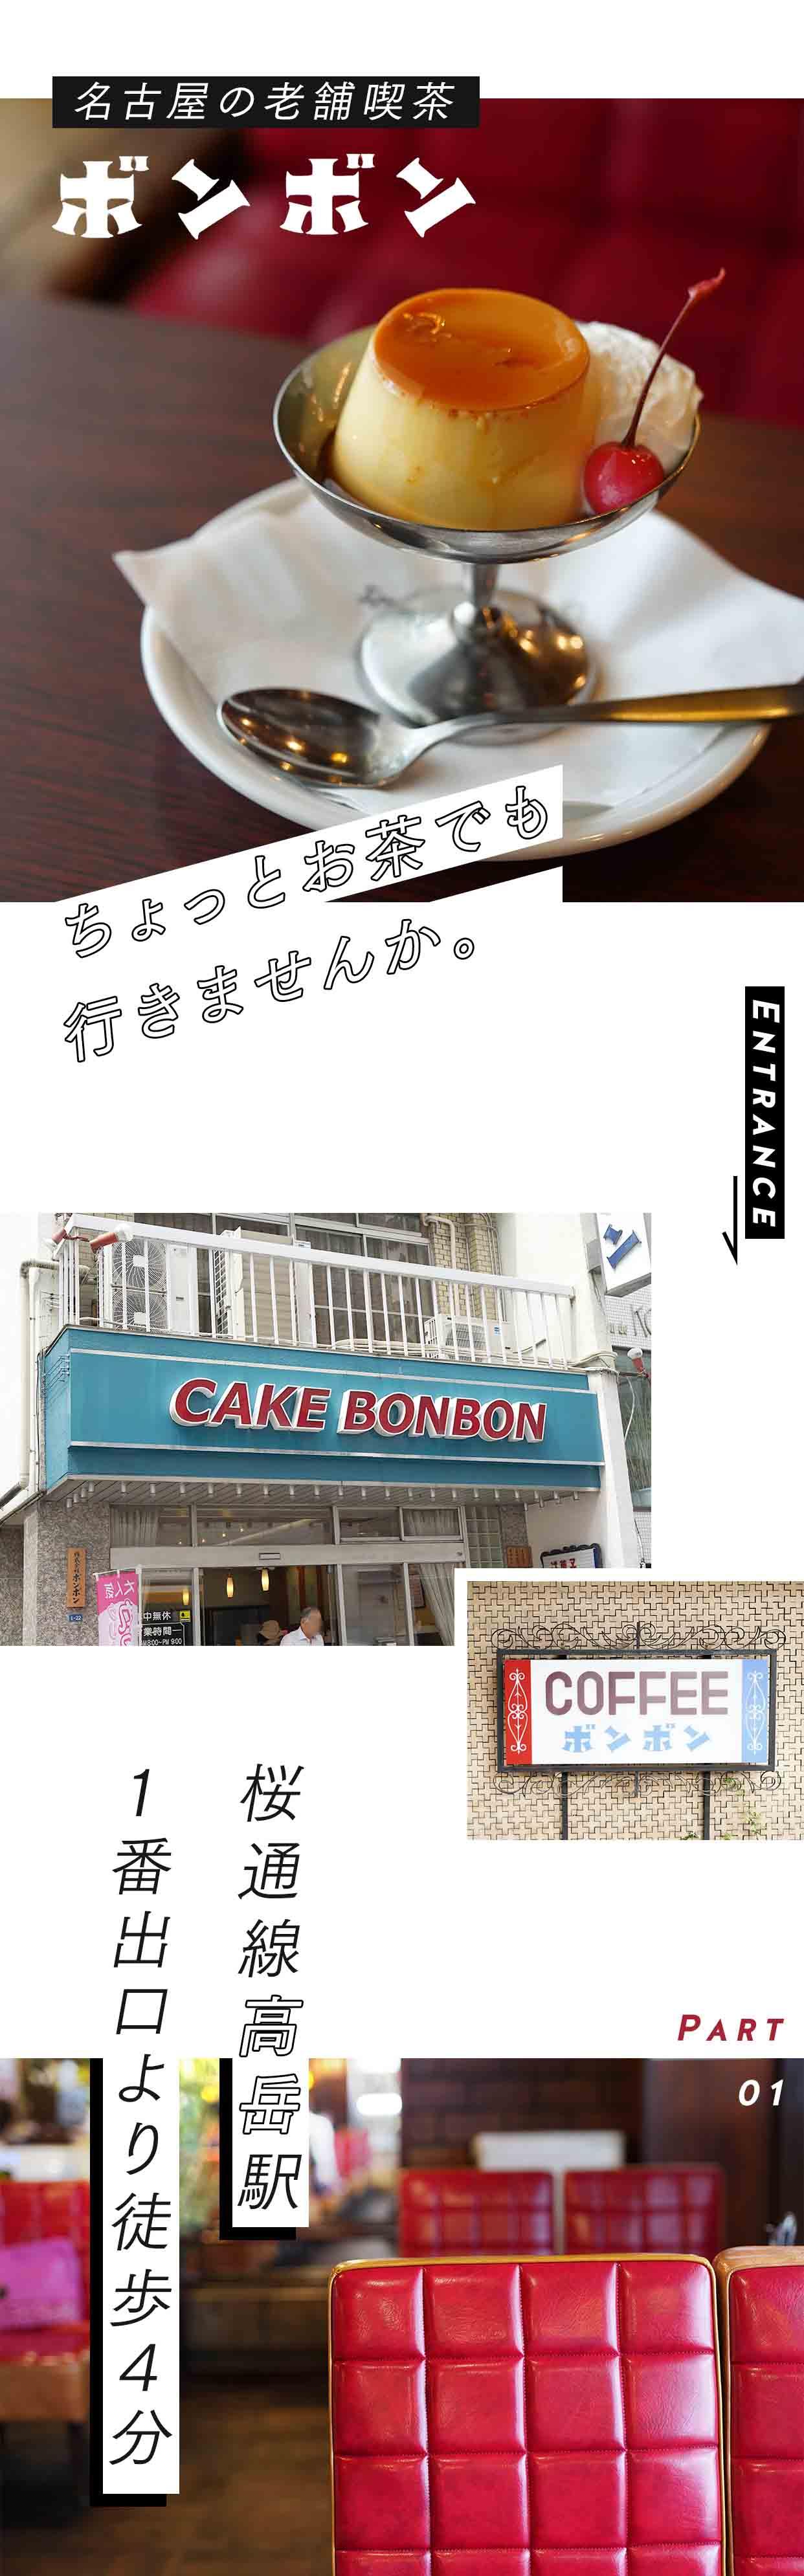 レトロとプリン。名古屋の老舗喫茶「ボンボン」でちょっとお茶でもしませんか。 - 6ad2e87adae01bb8c2eeb1507c331d24